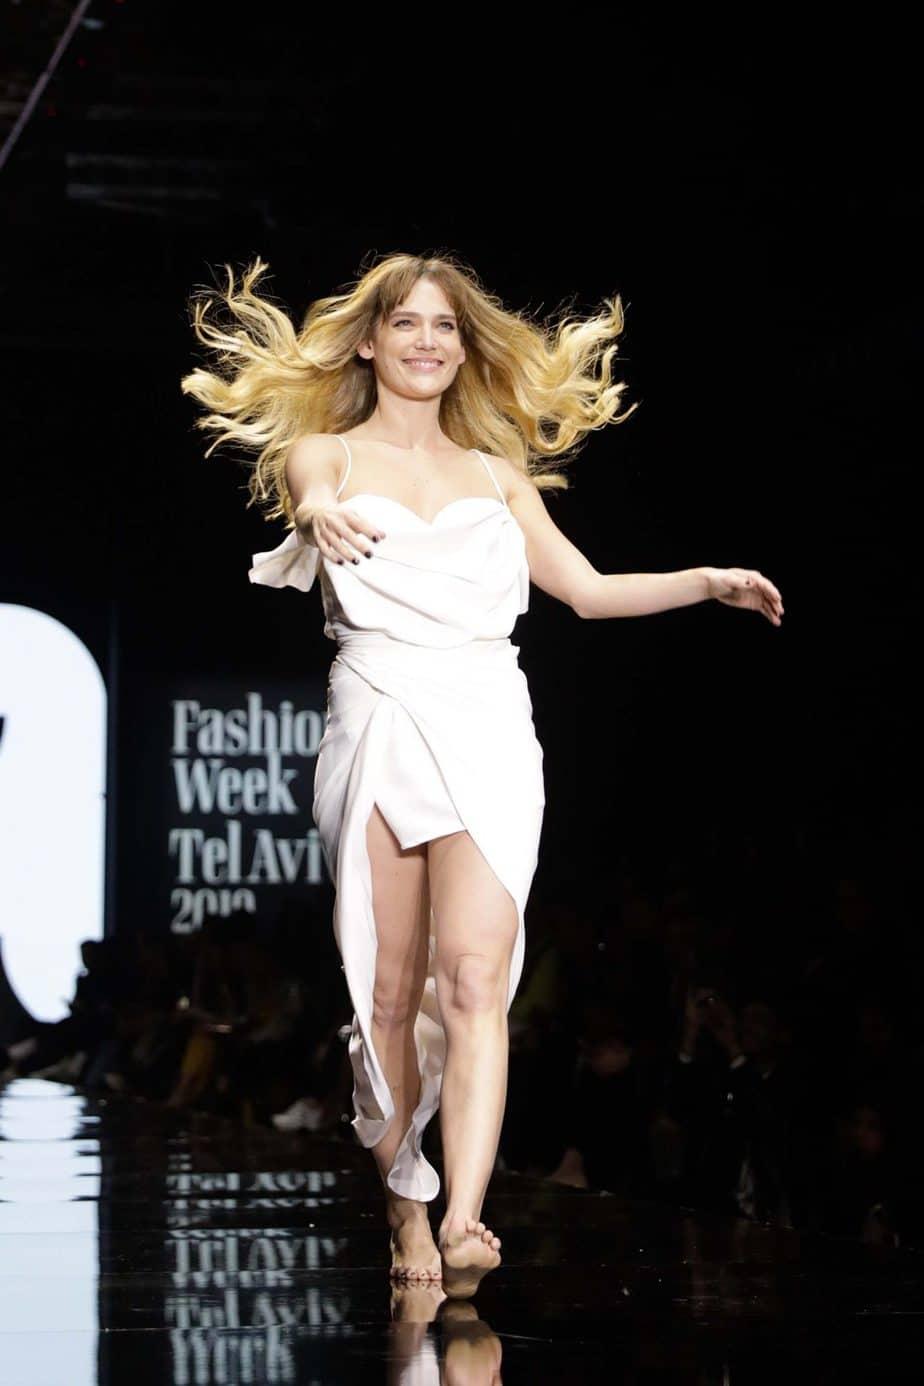 דנה פרידר, קולקציה עידן לרוס, תצוגת אופנה עידן לרוס שבוע האופנה תל אביב 2019, צילום עומר קפלן - 10